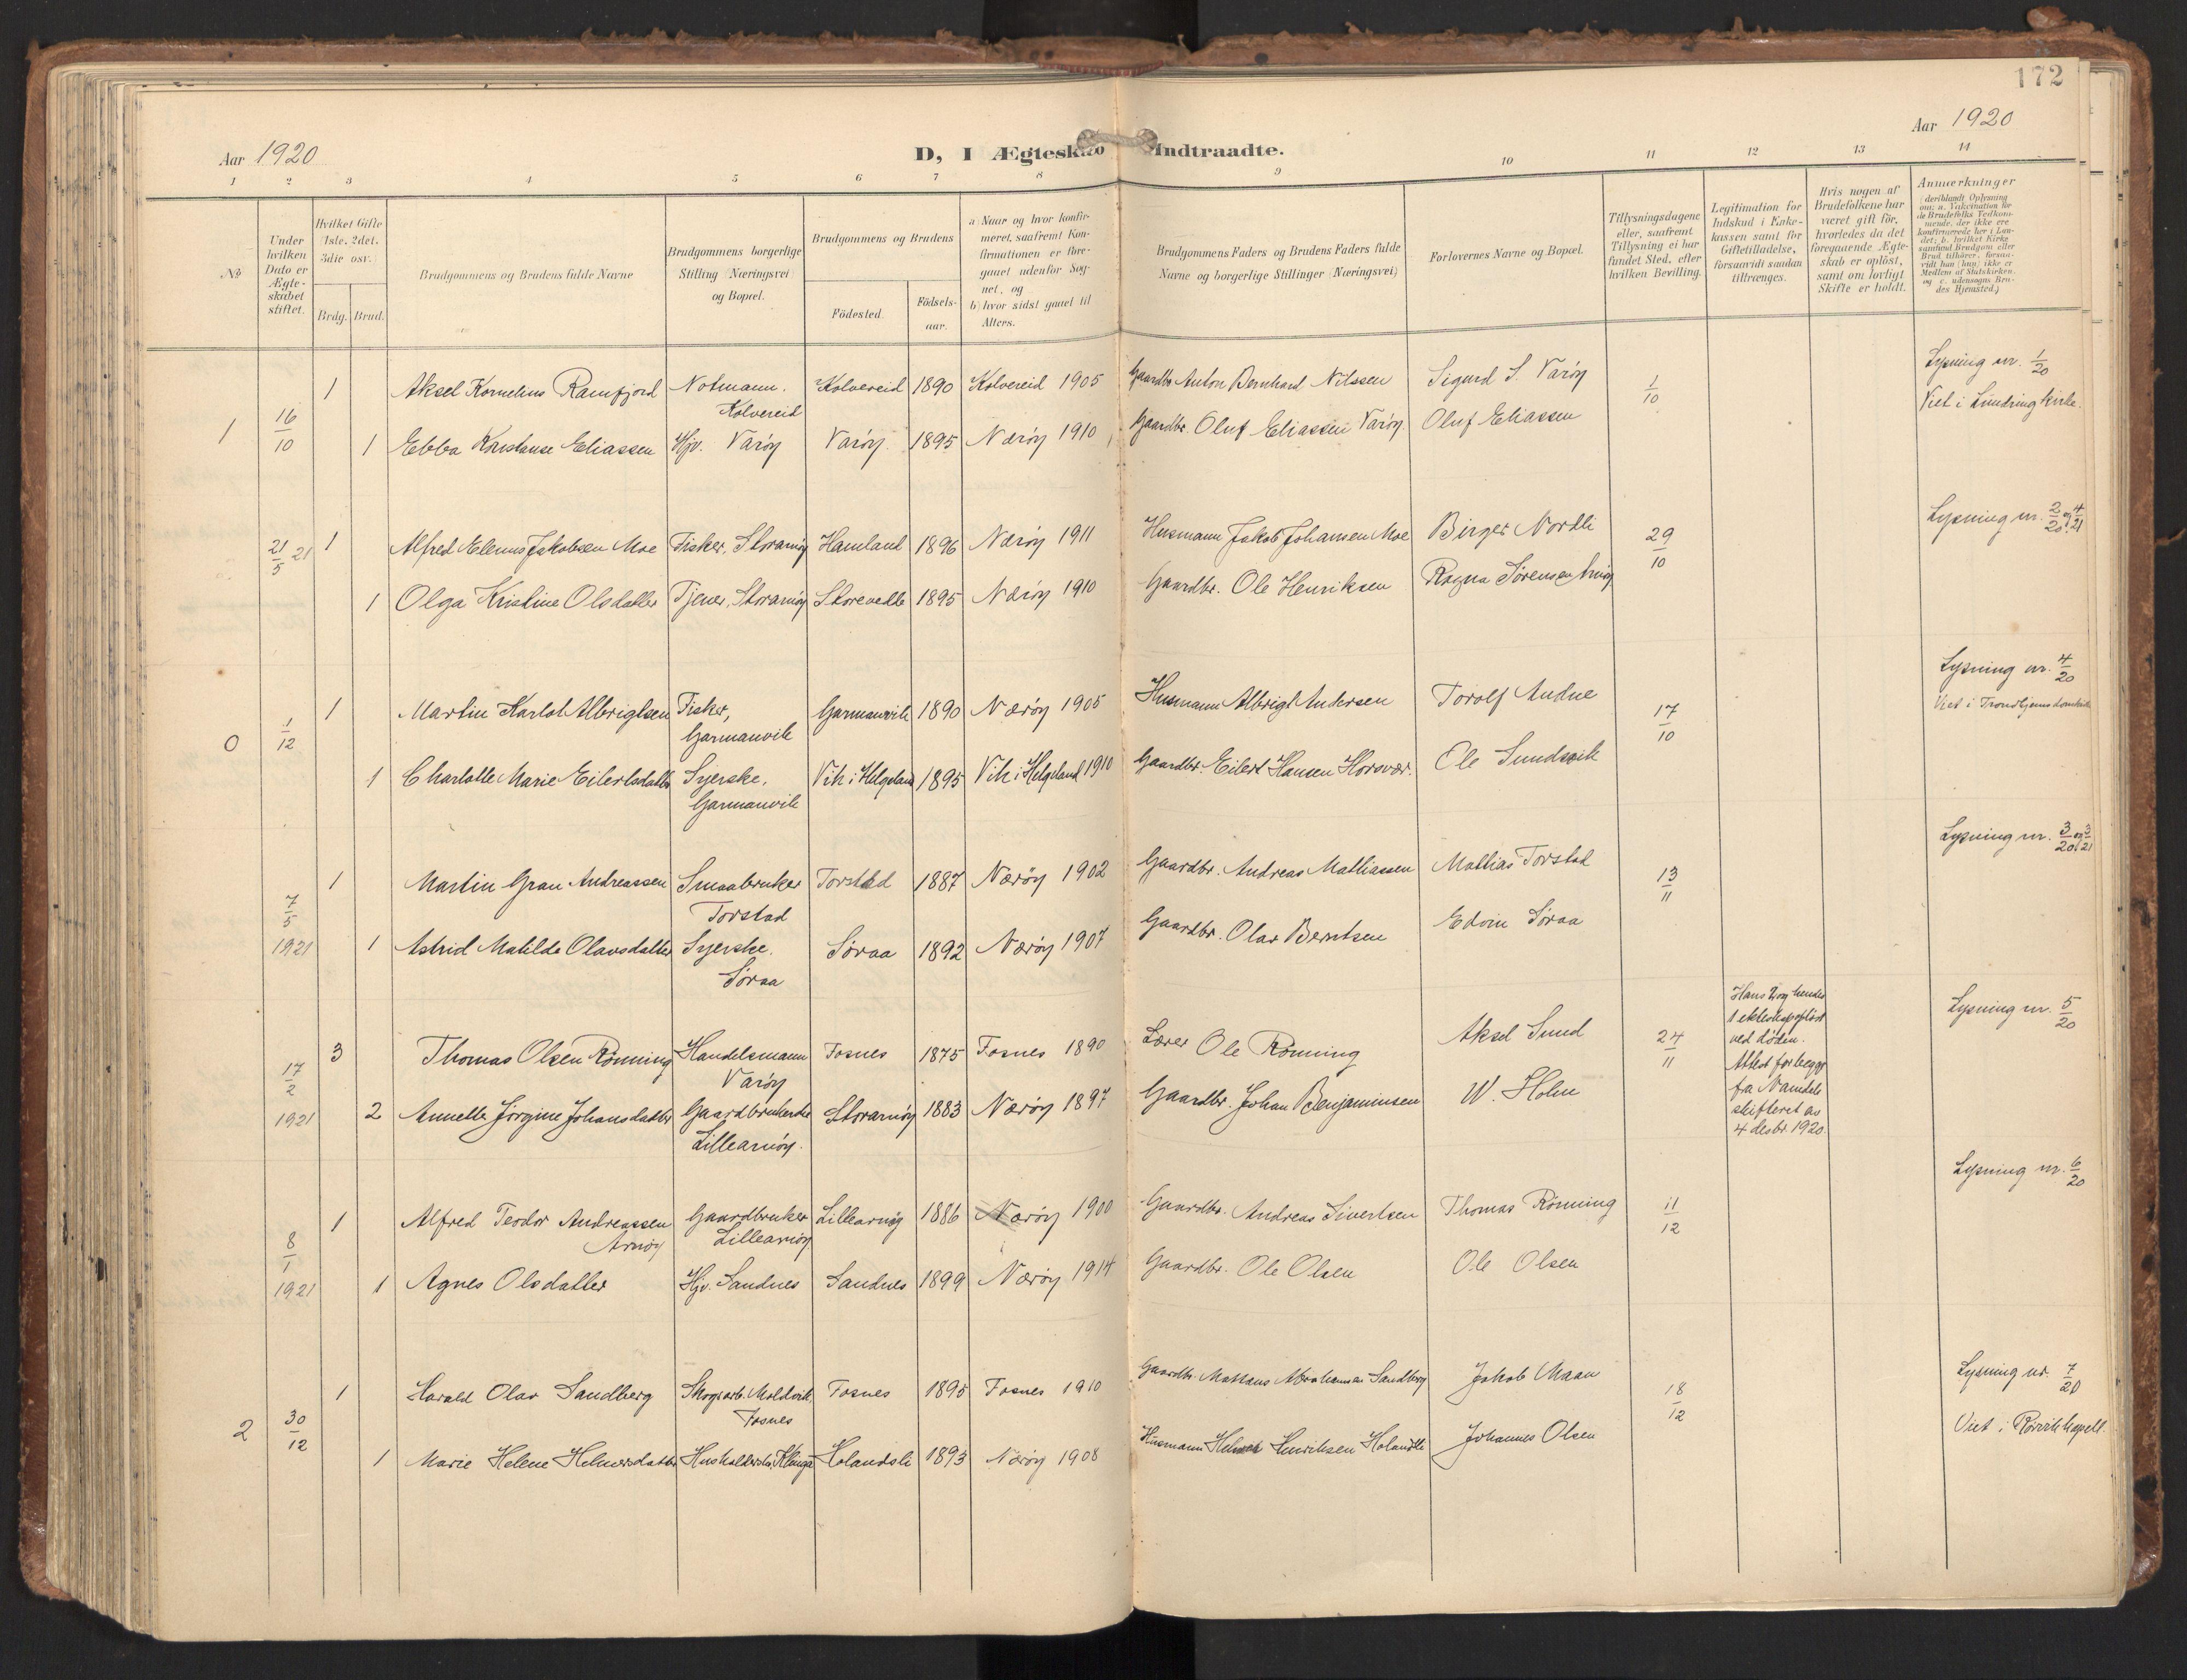 SAT, Ministerialprotokoller, klokkerbøker og fødselsregistre - Nord-Trøndelag, 784/L0677: Ministerialbok nr. 784A12, 1900-1920, s. 172